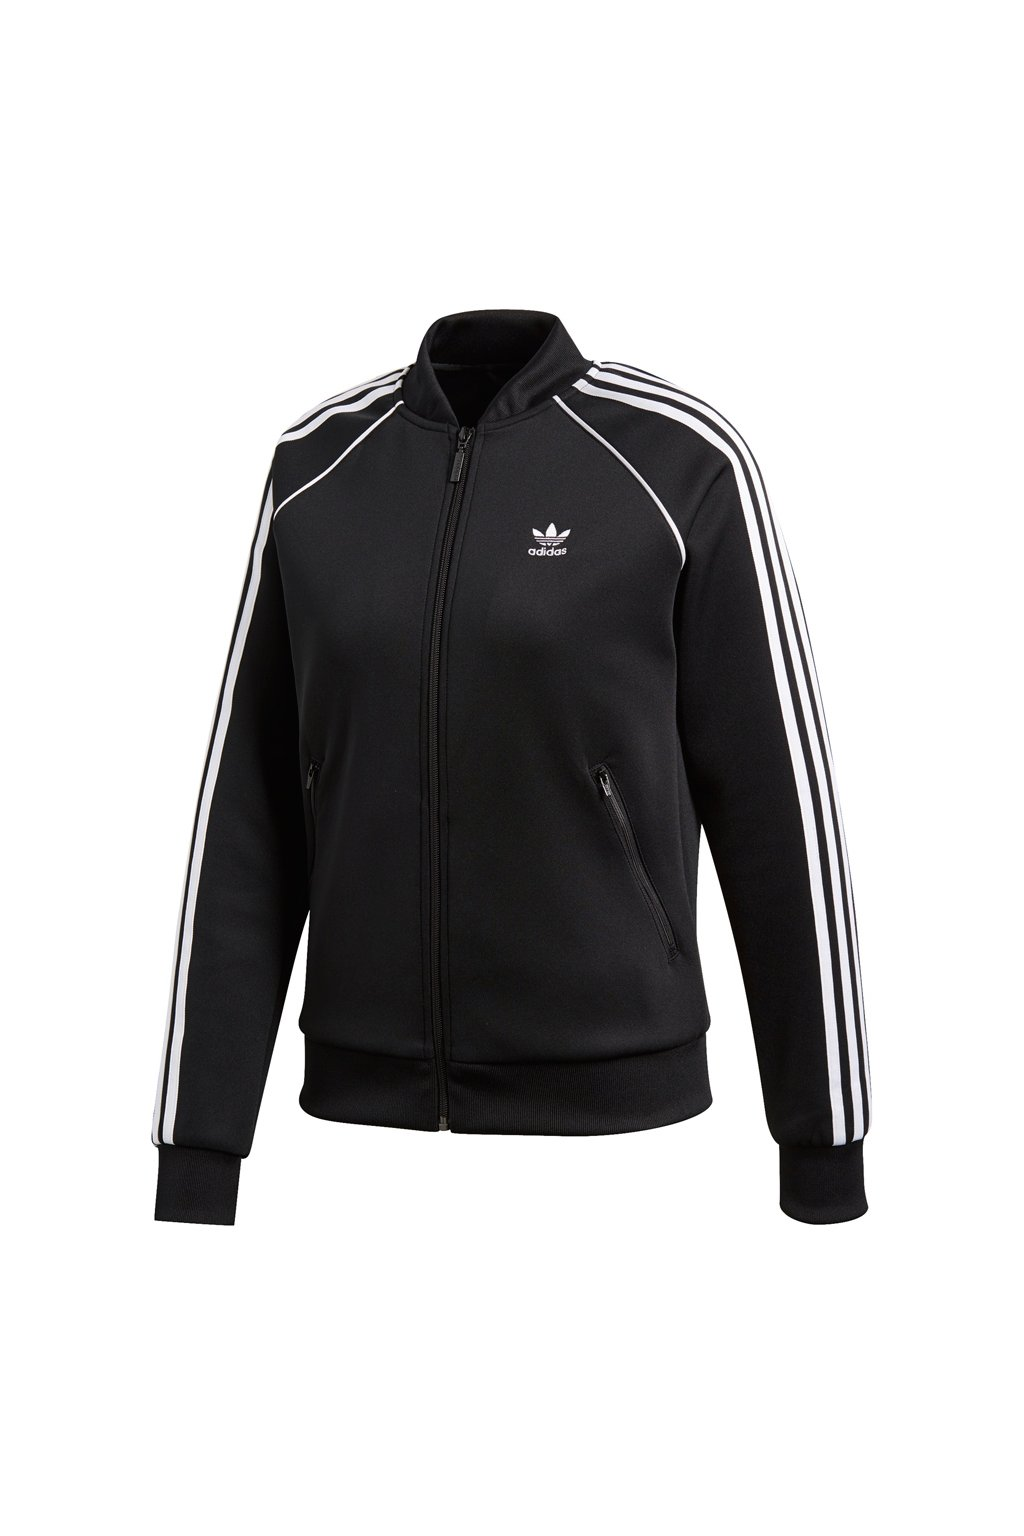 Dámska mikina Adidas Originals SST TT čierna CE2392